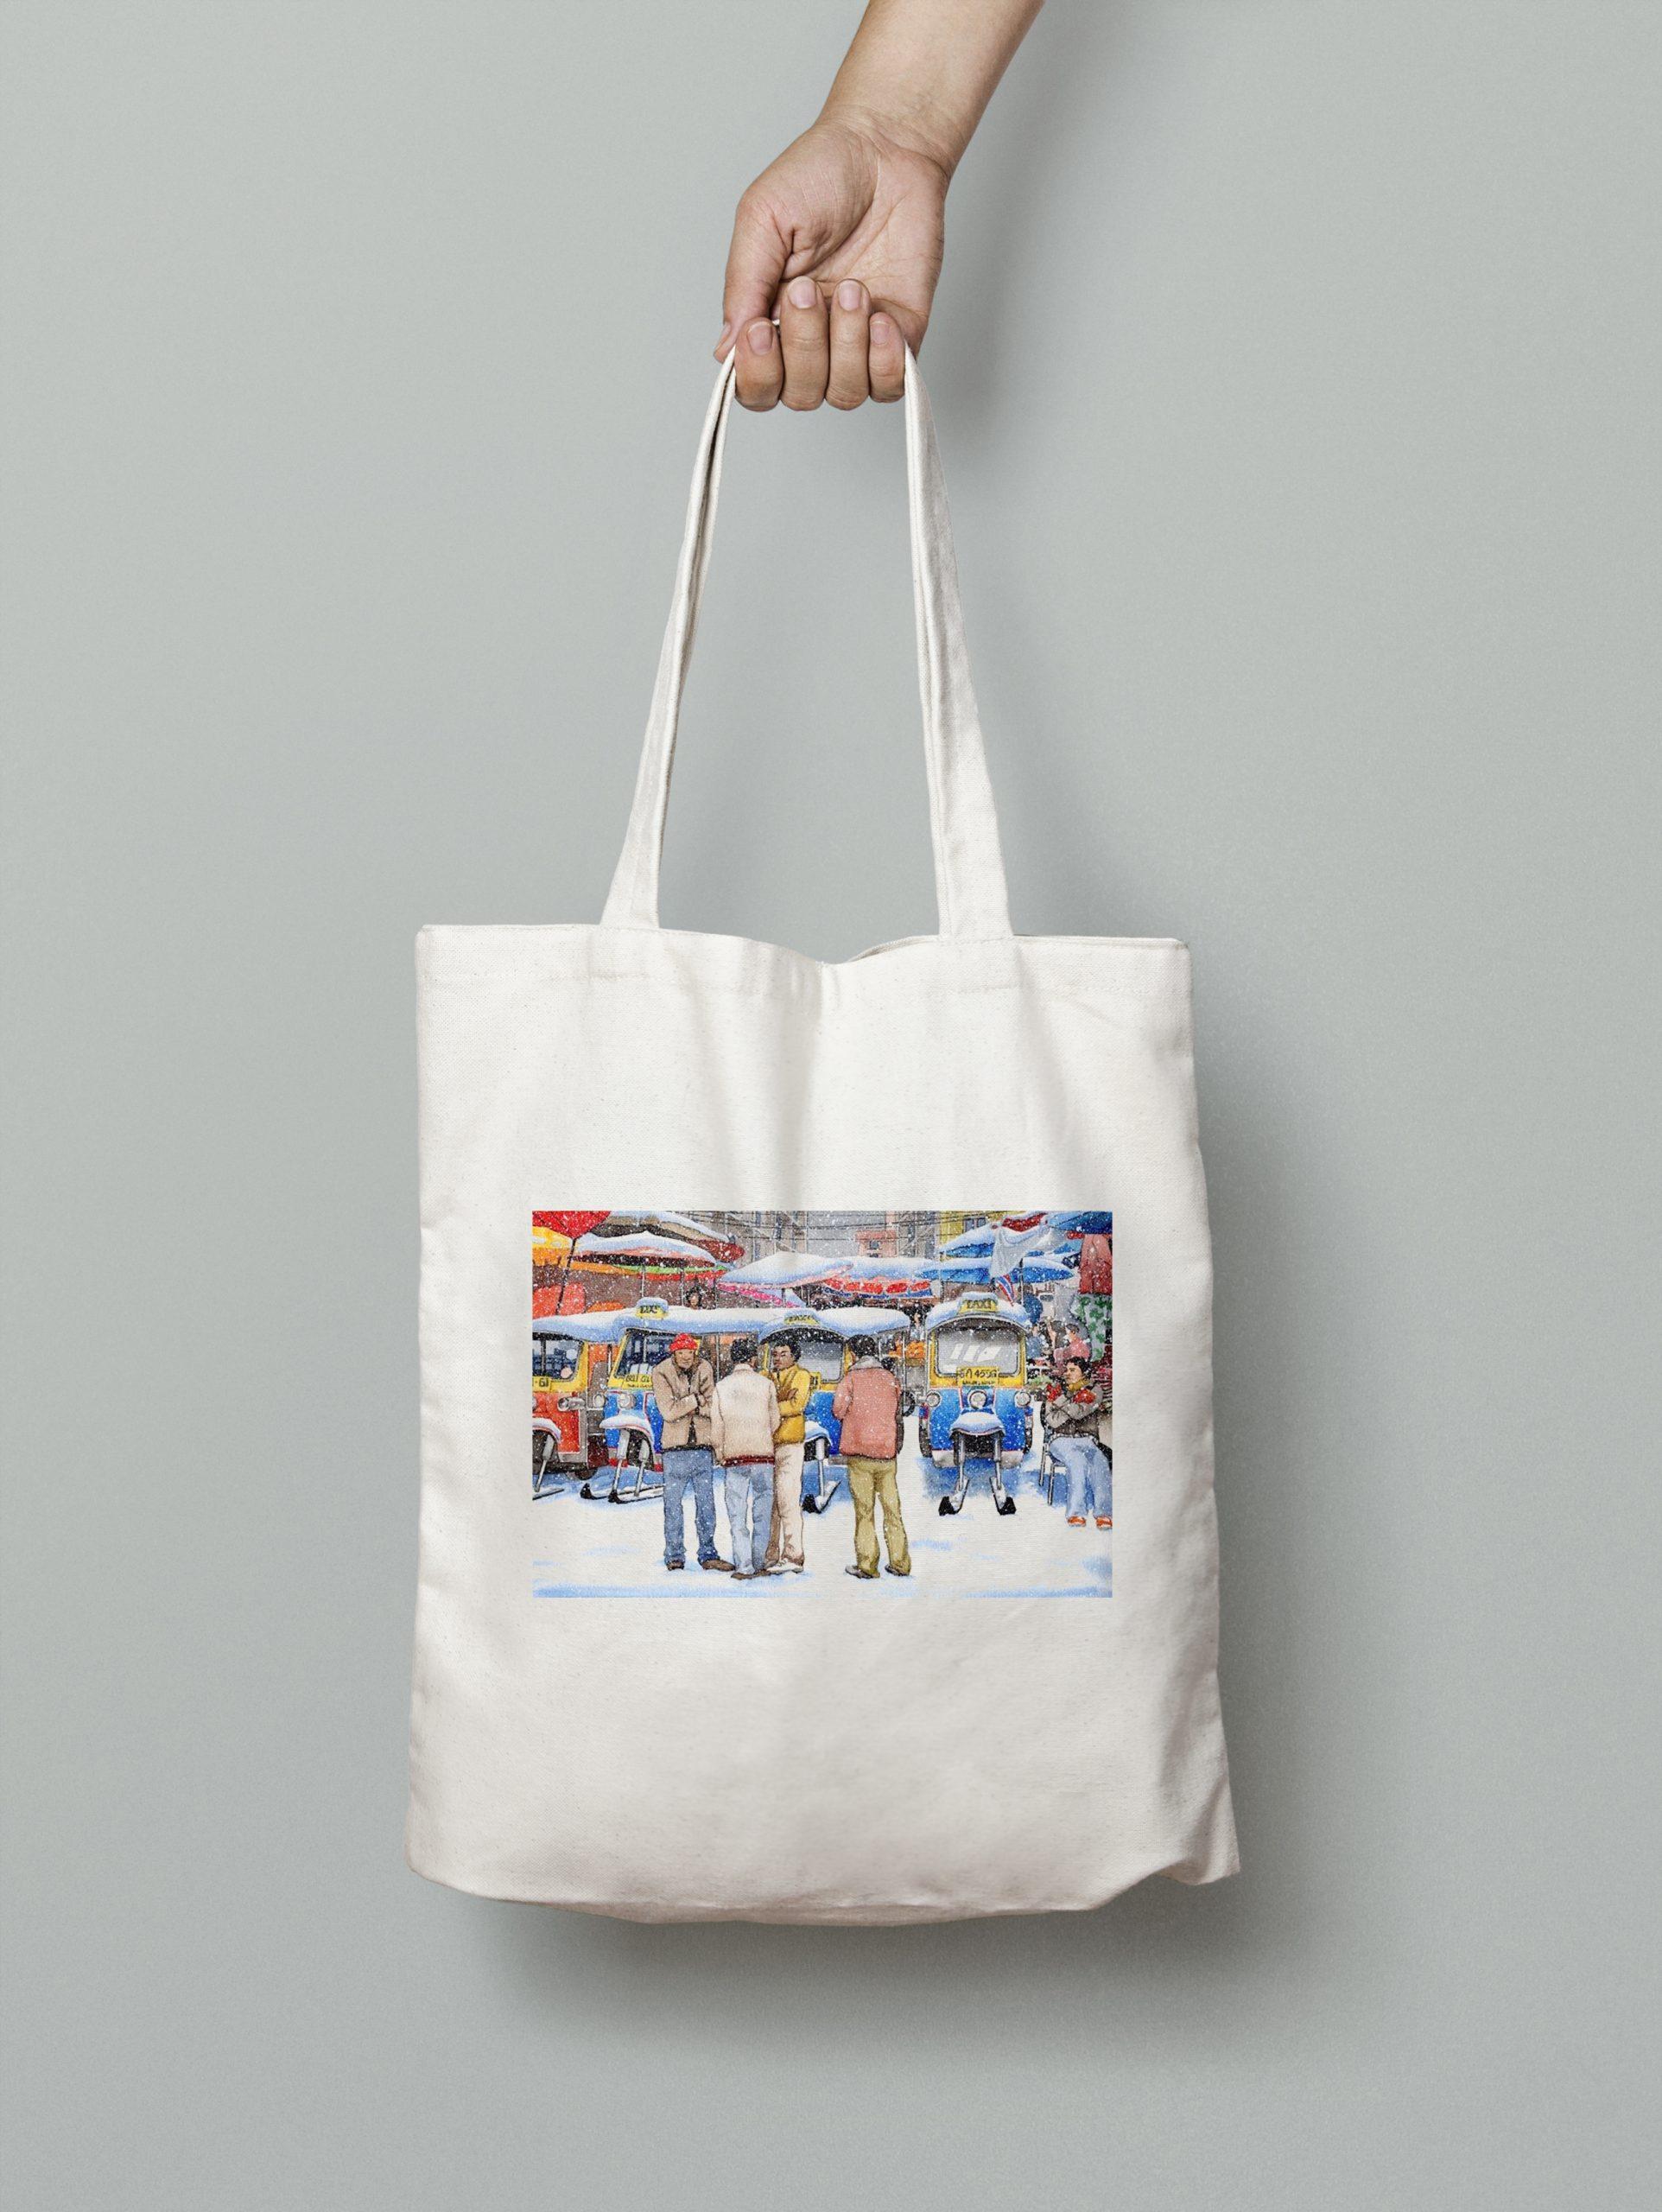 Tote Bag – Tuk Tuk Drivers